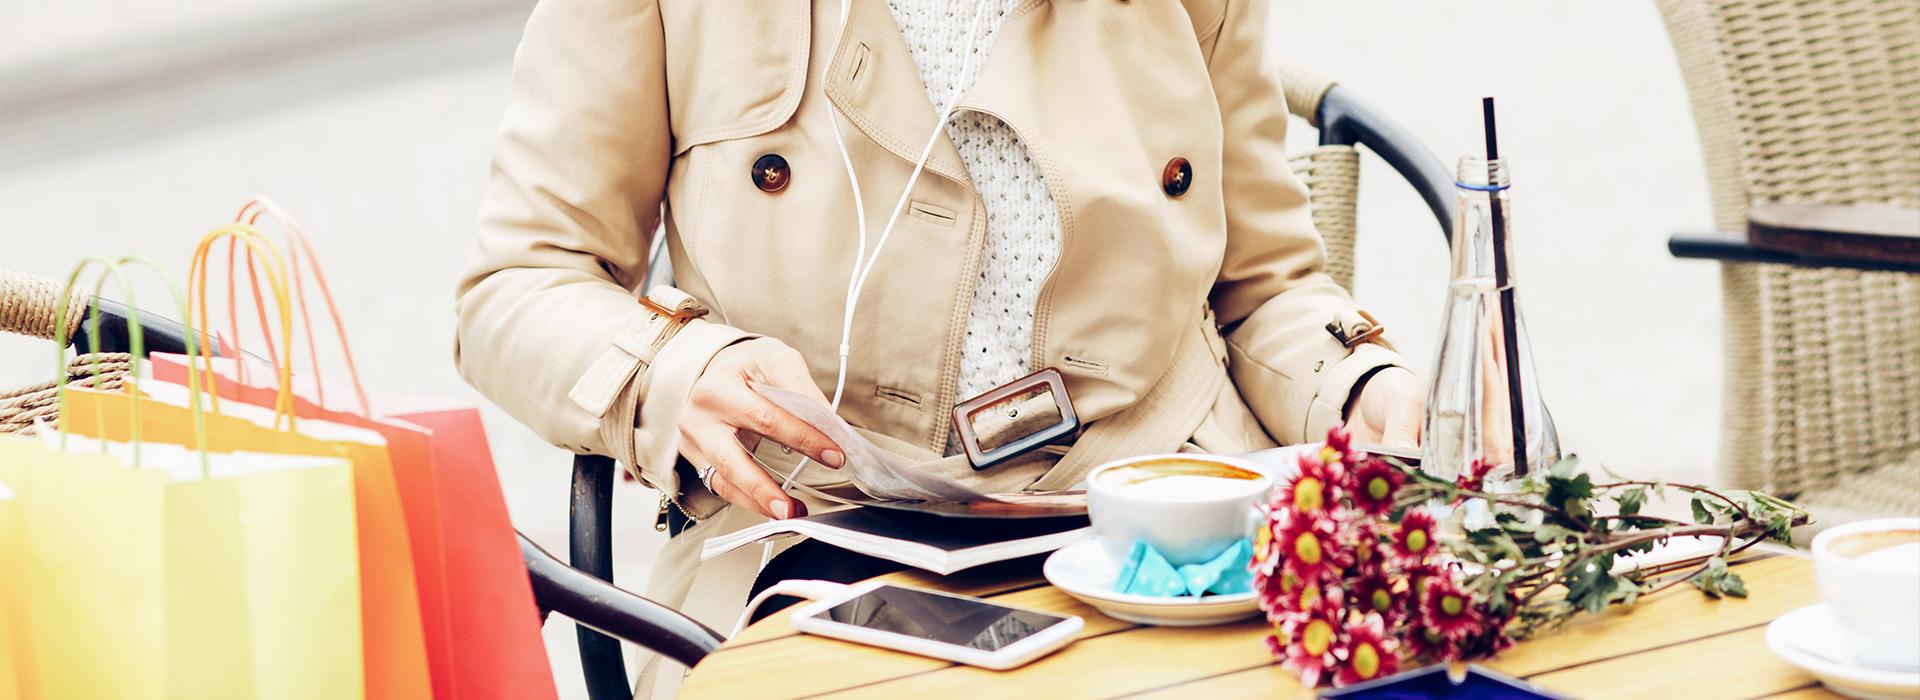 Frau liest in einem Cafe